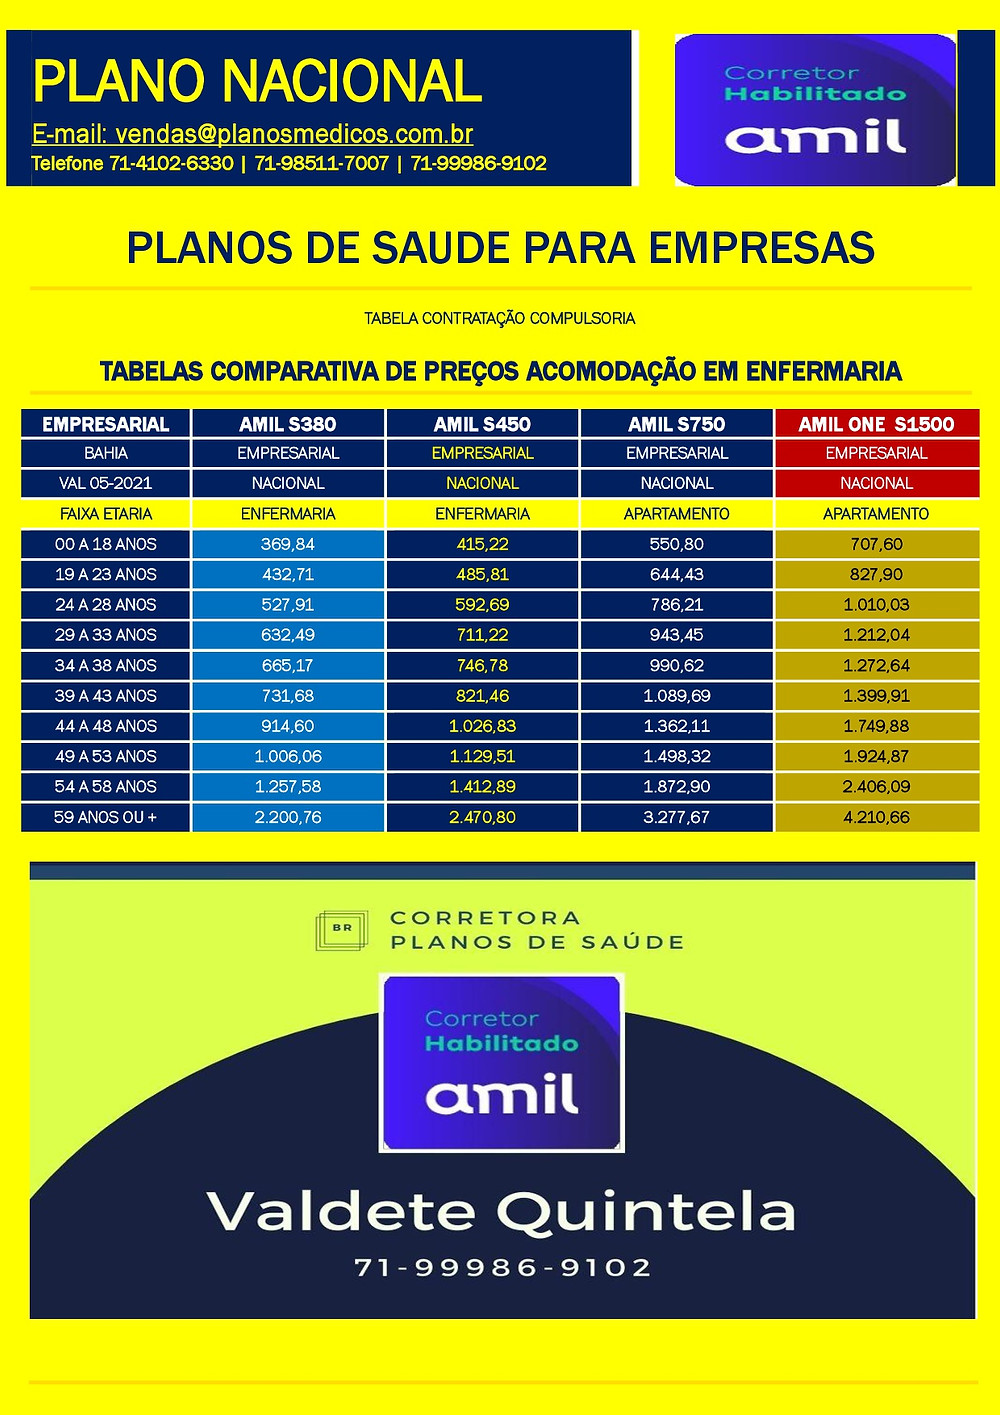 Tabelas de Preços - Plano de Saude Amil (Bahia), Qual o melhor plano de saúde com cobertura nacional? Qual o valor do plano de saúde Amil? Qual é o melhor plano de saúde de Salvador?